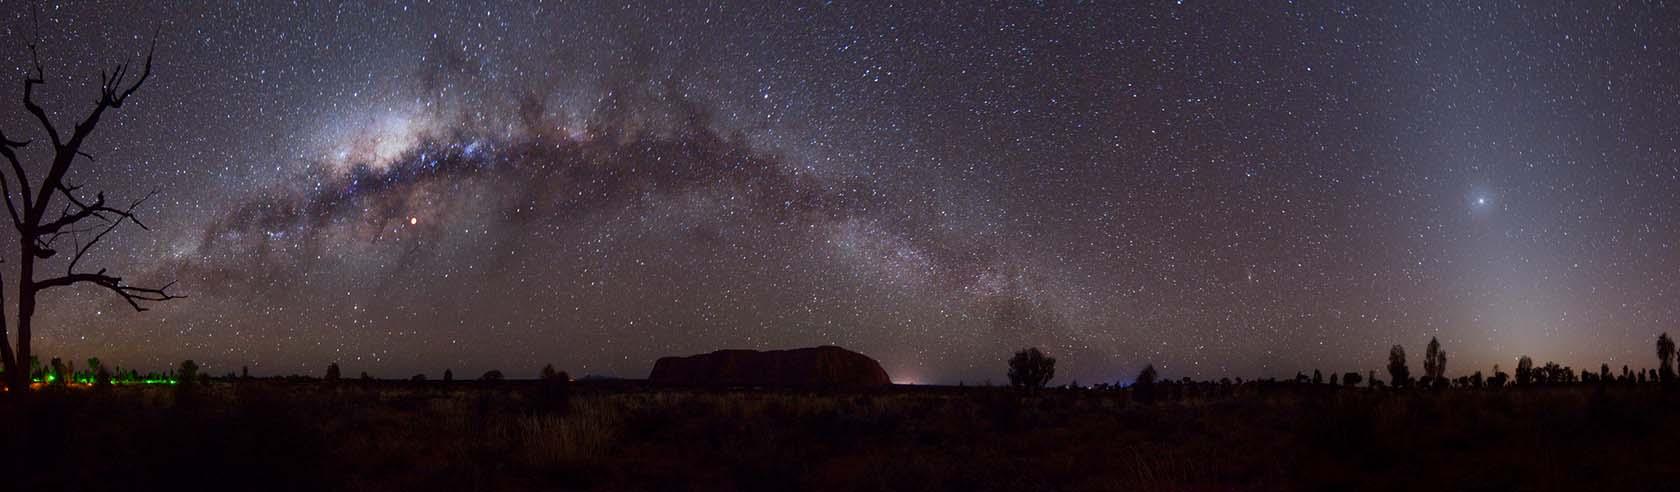 Astronomy at Uluru